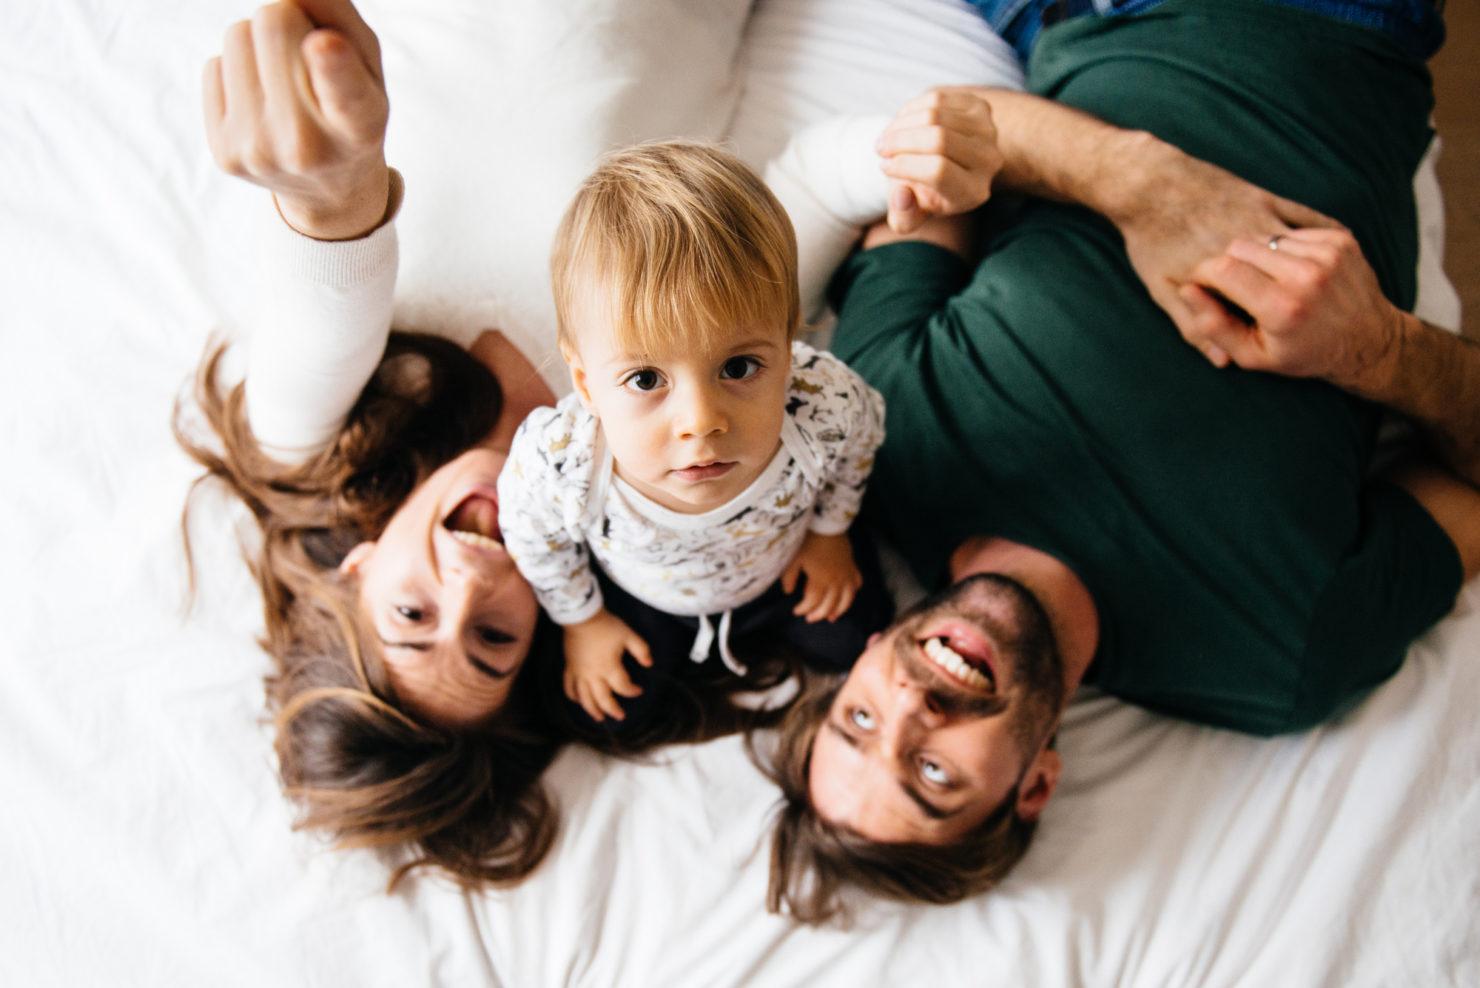 Sesje rodzinne i brzuszkowe - sesje rodzinne i brzuszkowe